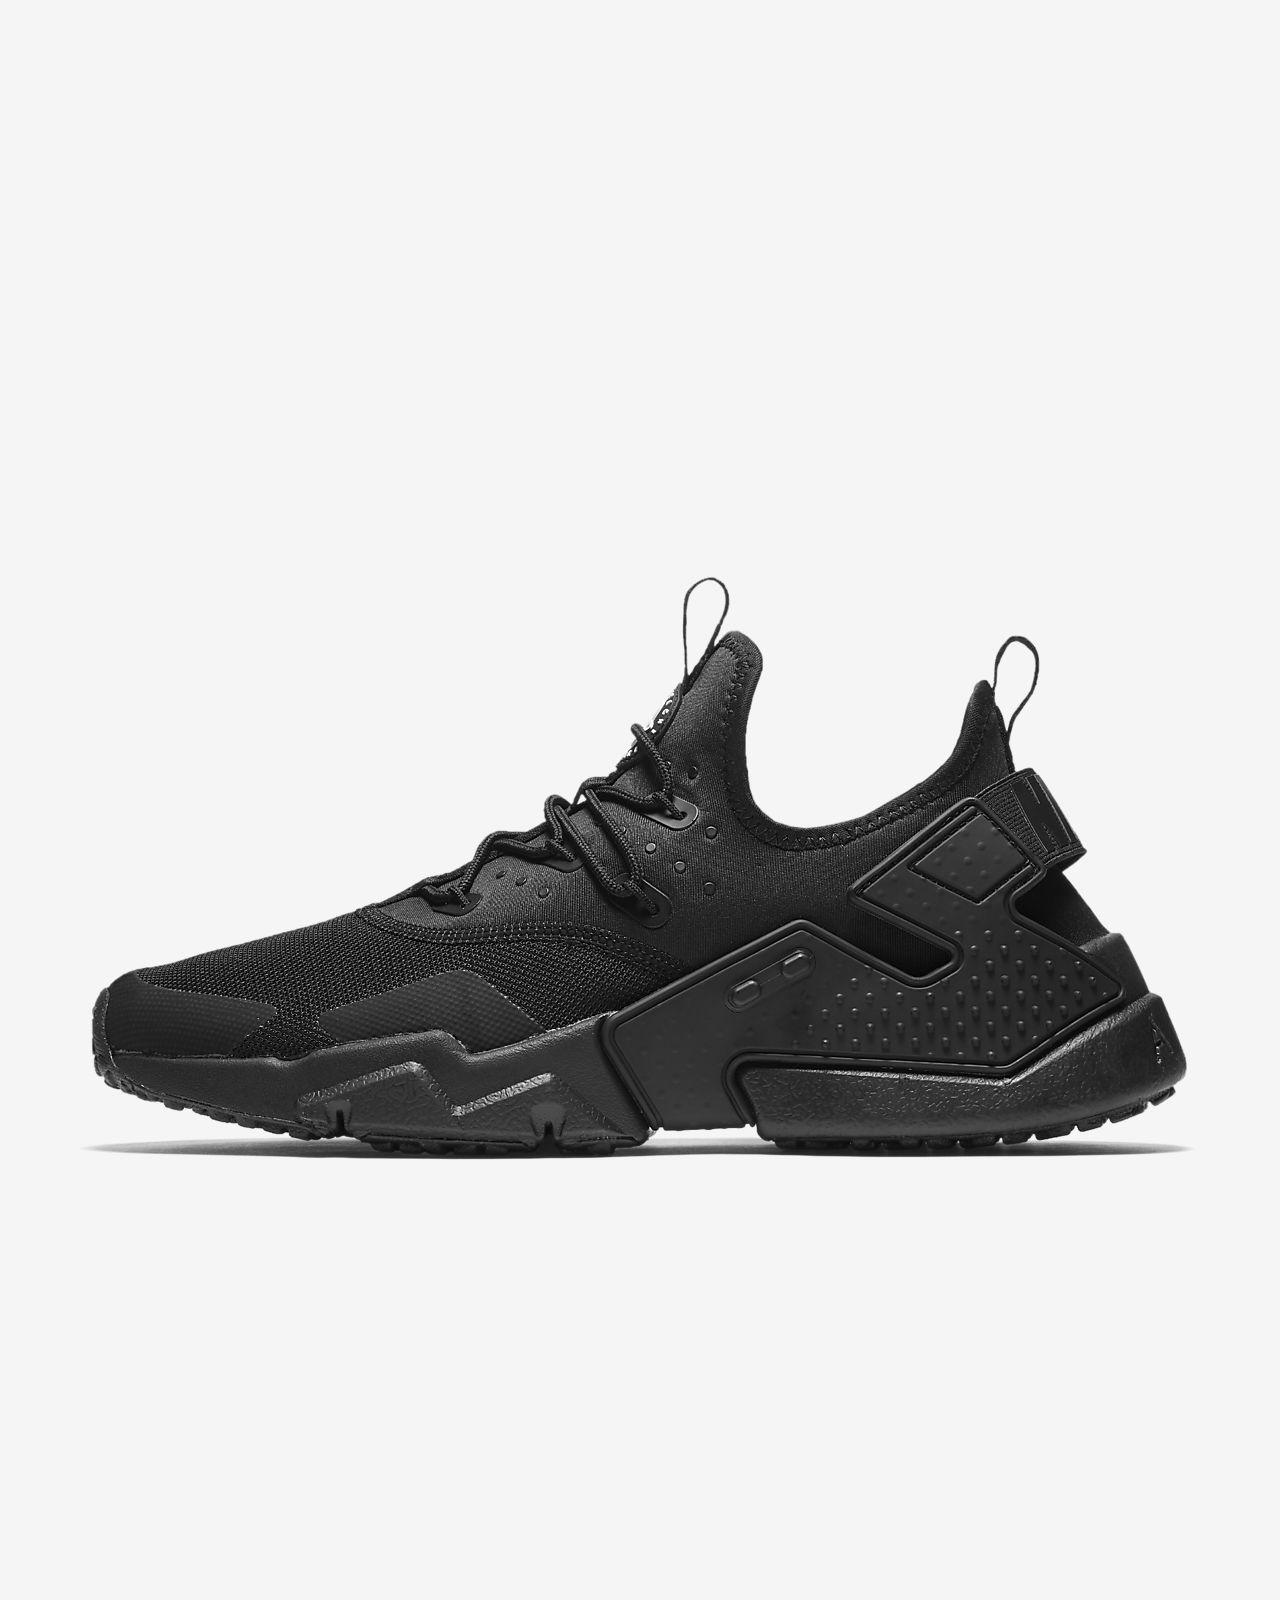 Nike Air Huarache Ultra - Grundschule Schuhe Black Größe 40 LYeiU9f6